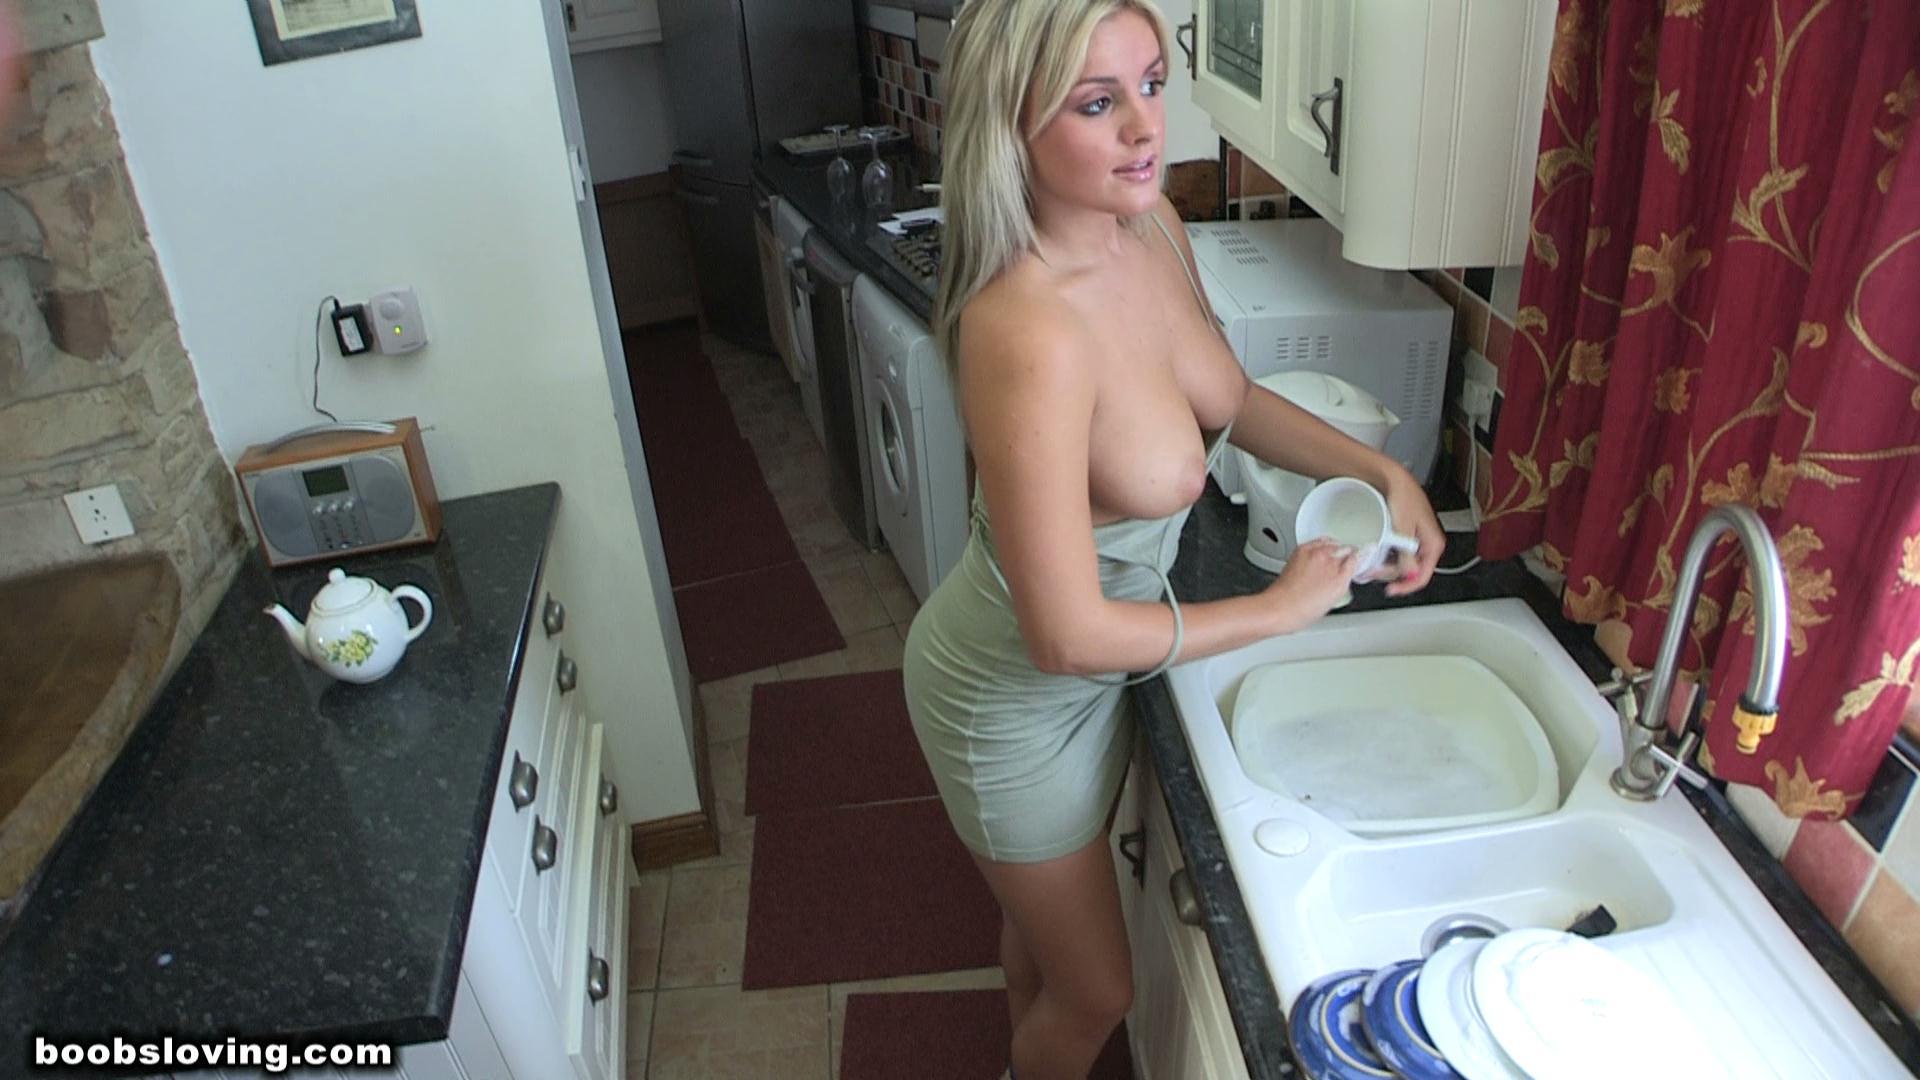 Секс когда моет посуду 26 фотография